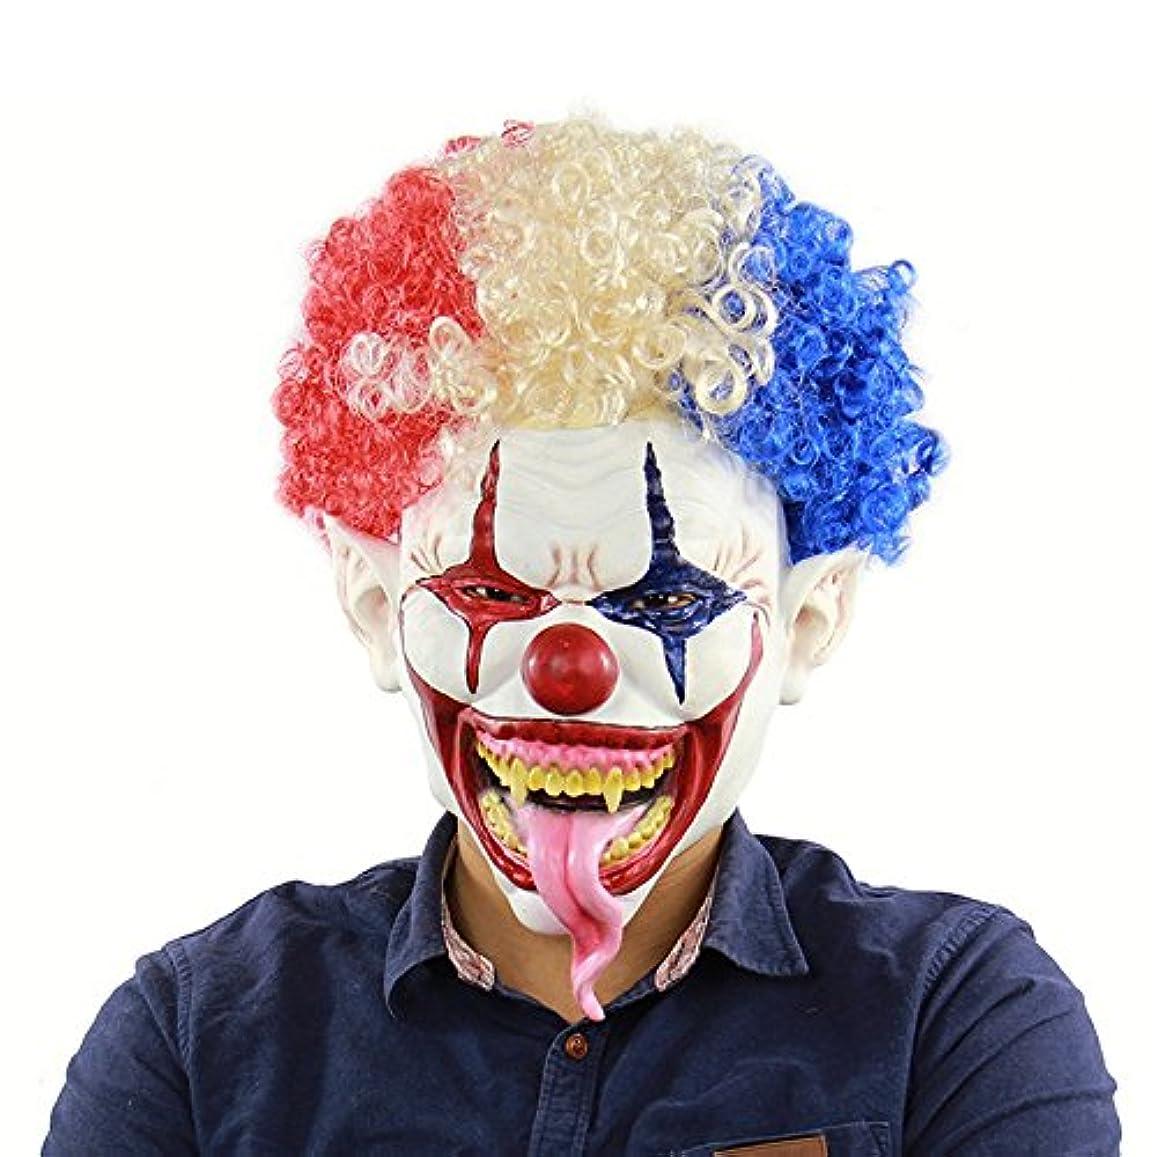 ビジョン法医学学校教育爆発的なヘッド大きな口長い舌ピエロマスクハロウィンアマゾン外国為替ラテックスホラーヘッドカバー